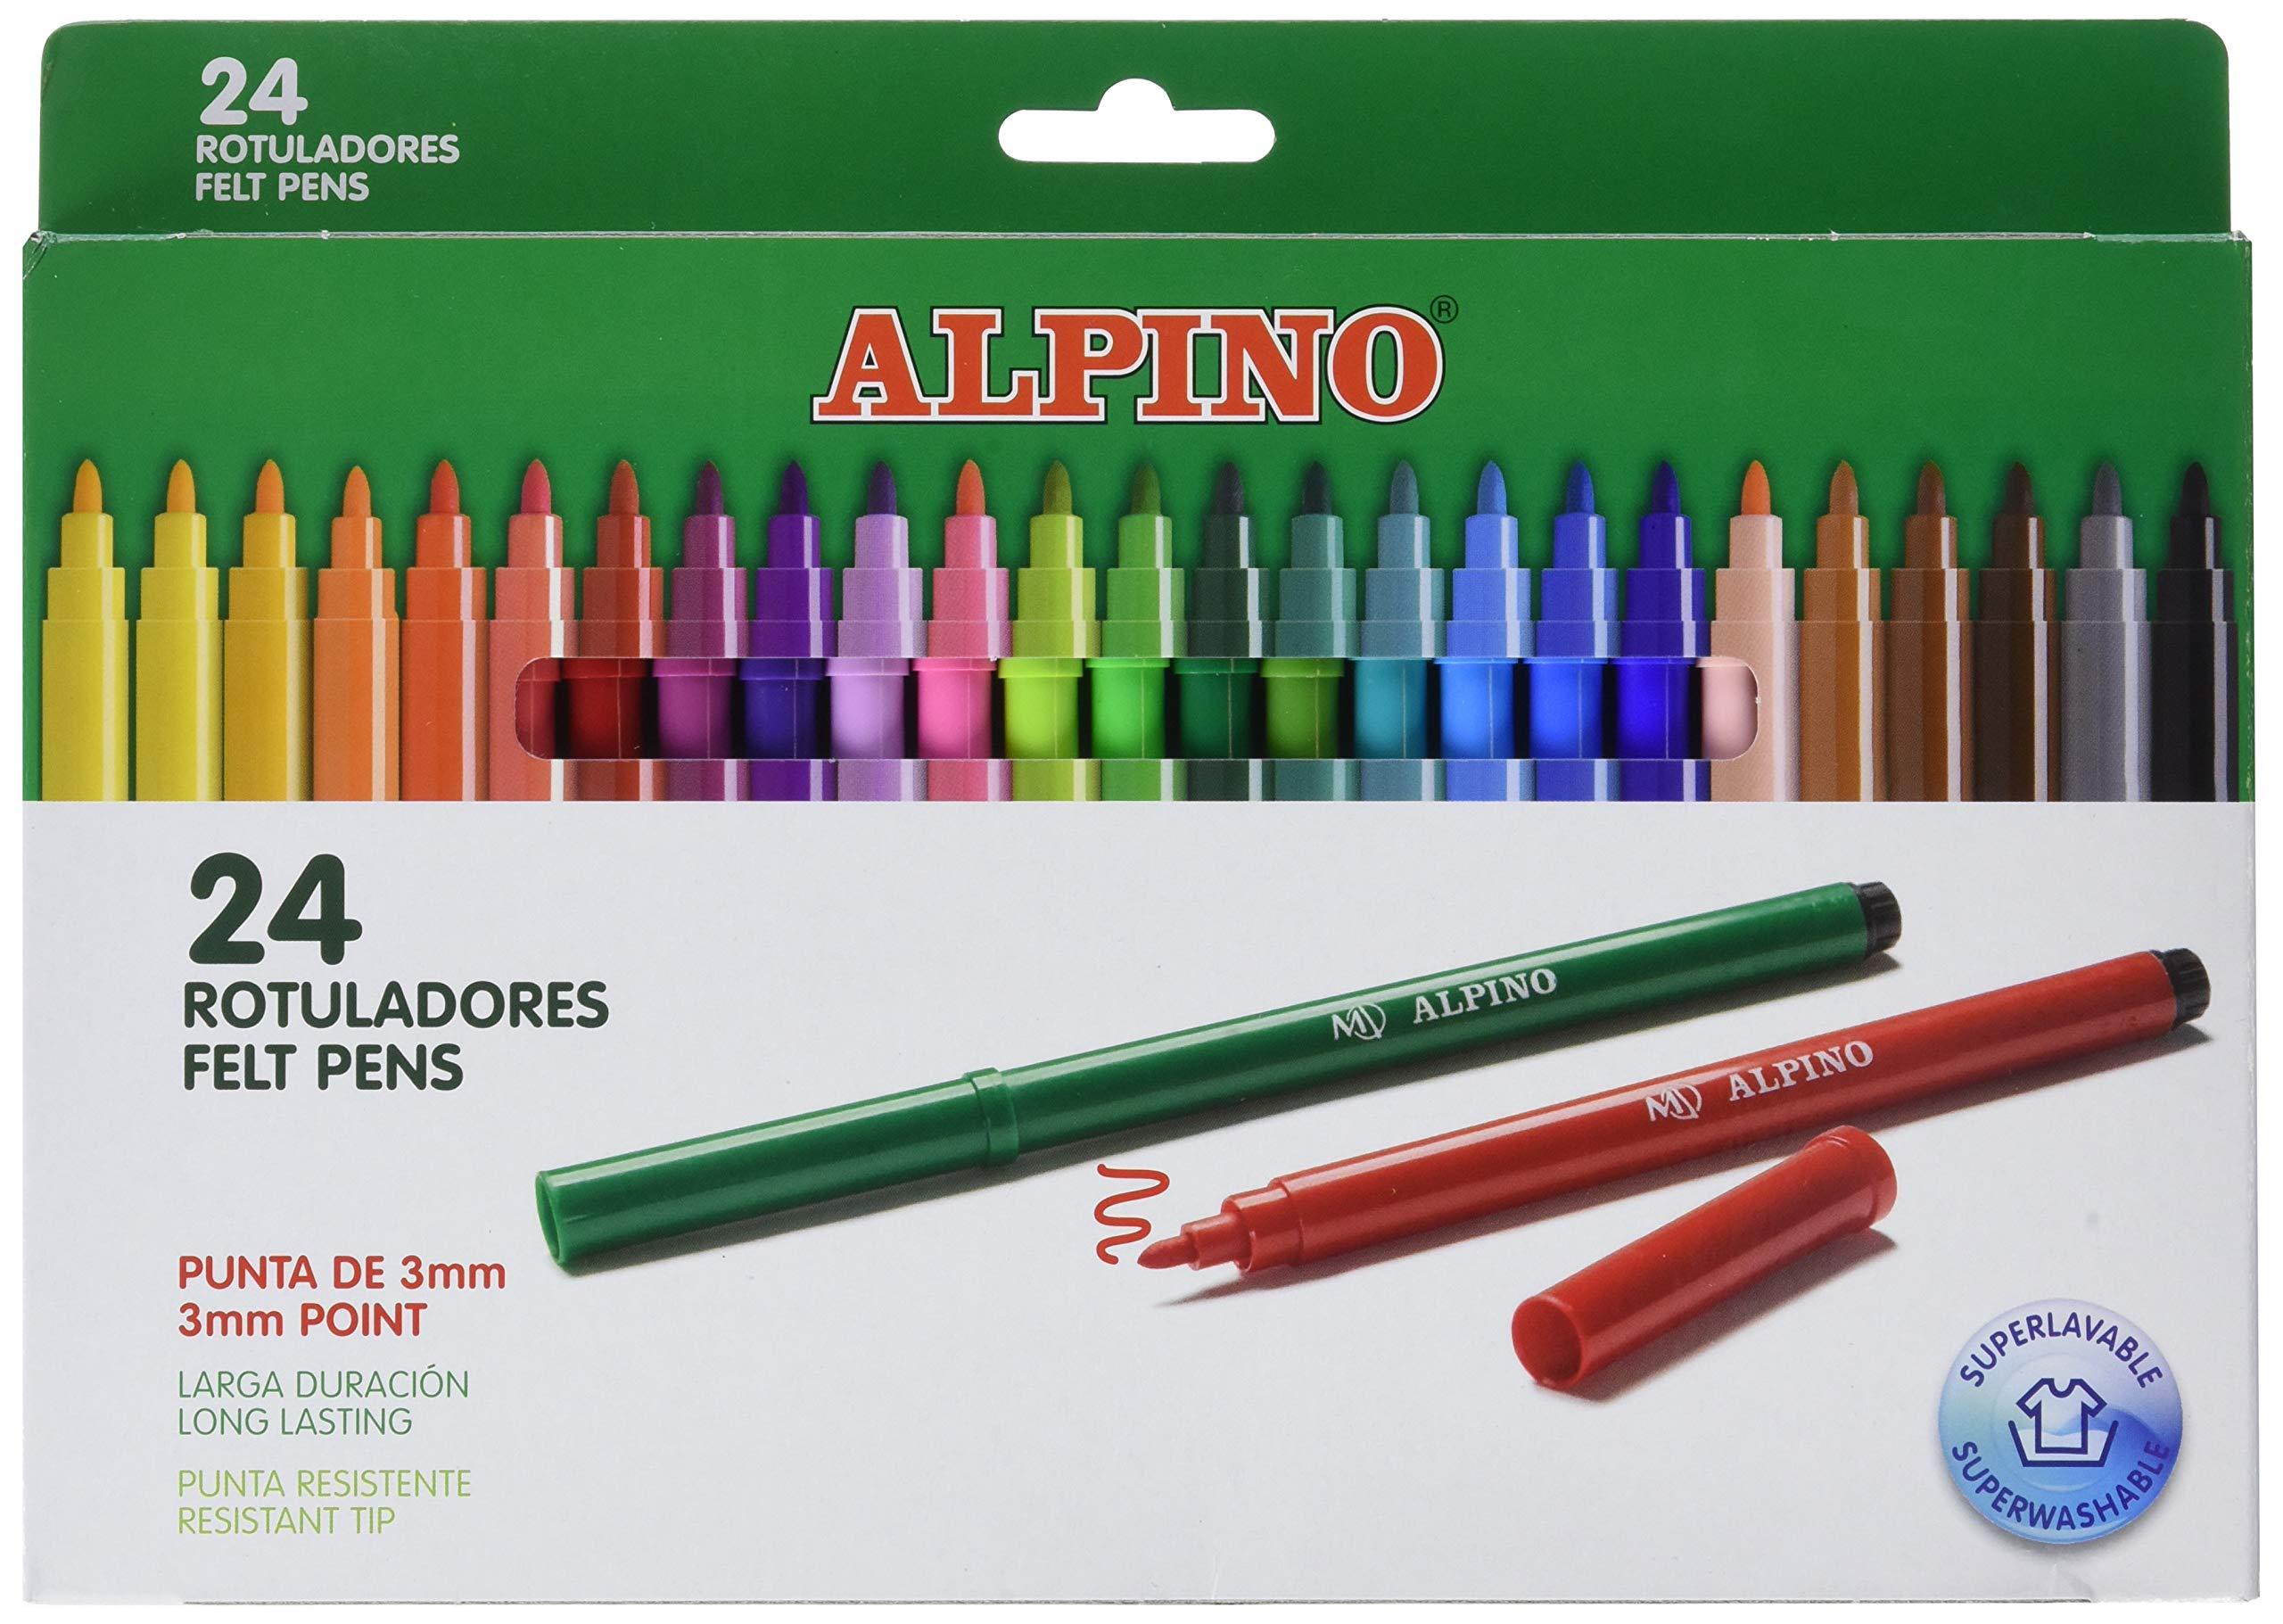 Alpino AR001003 - Rotuladores, 24 unidades: Amazon.es: Oficina y papelería